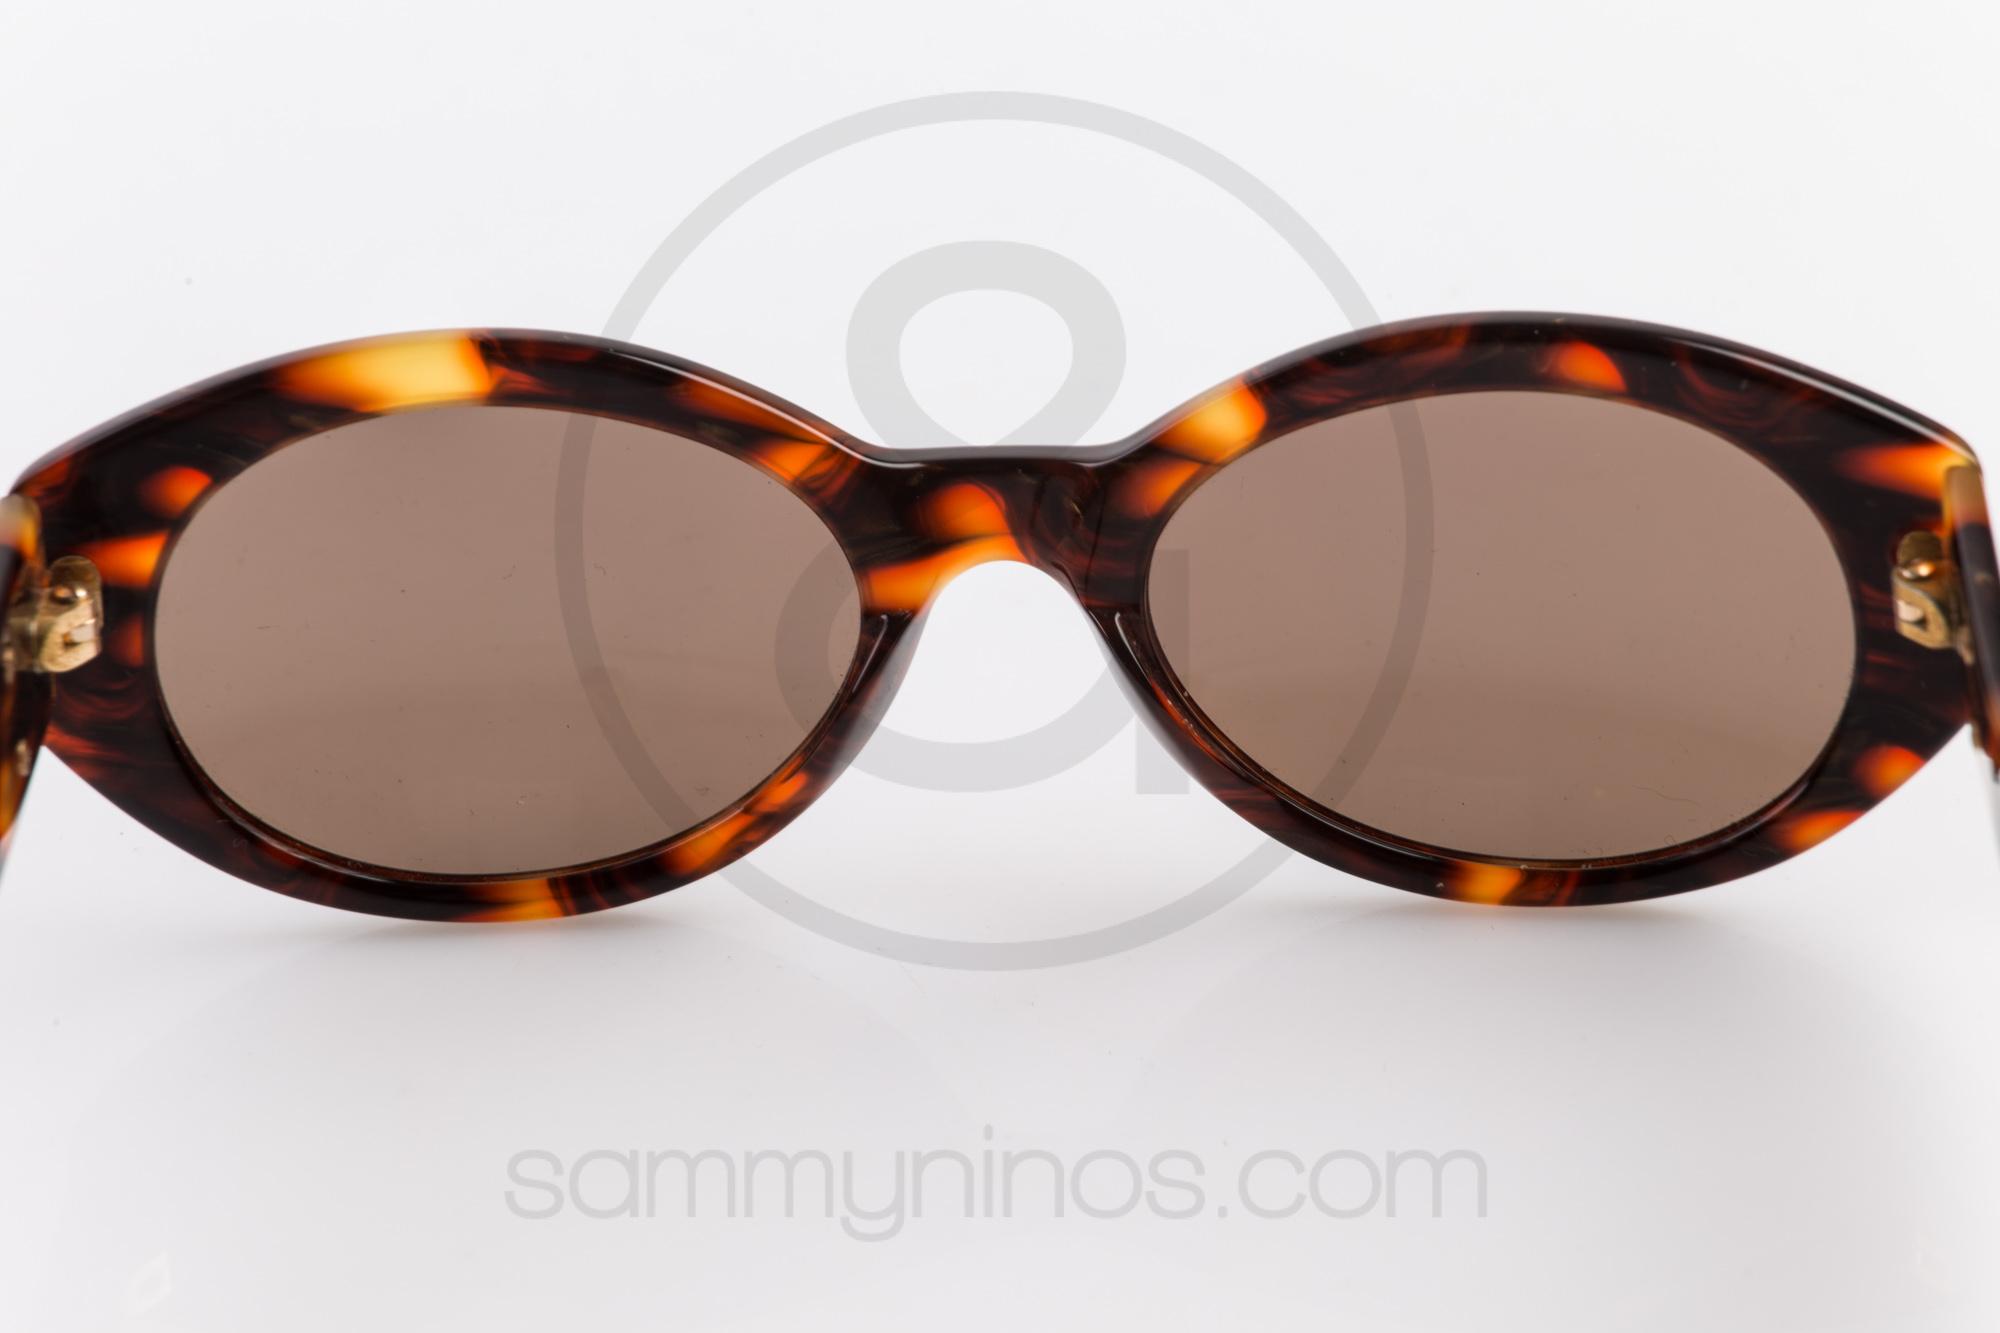 c52499ac58ba Chanel Classic Sunglasses